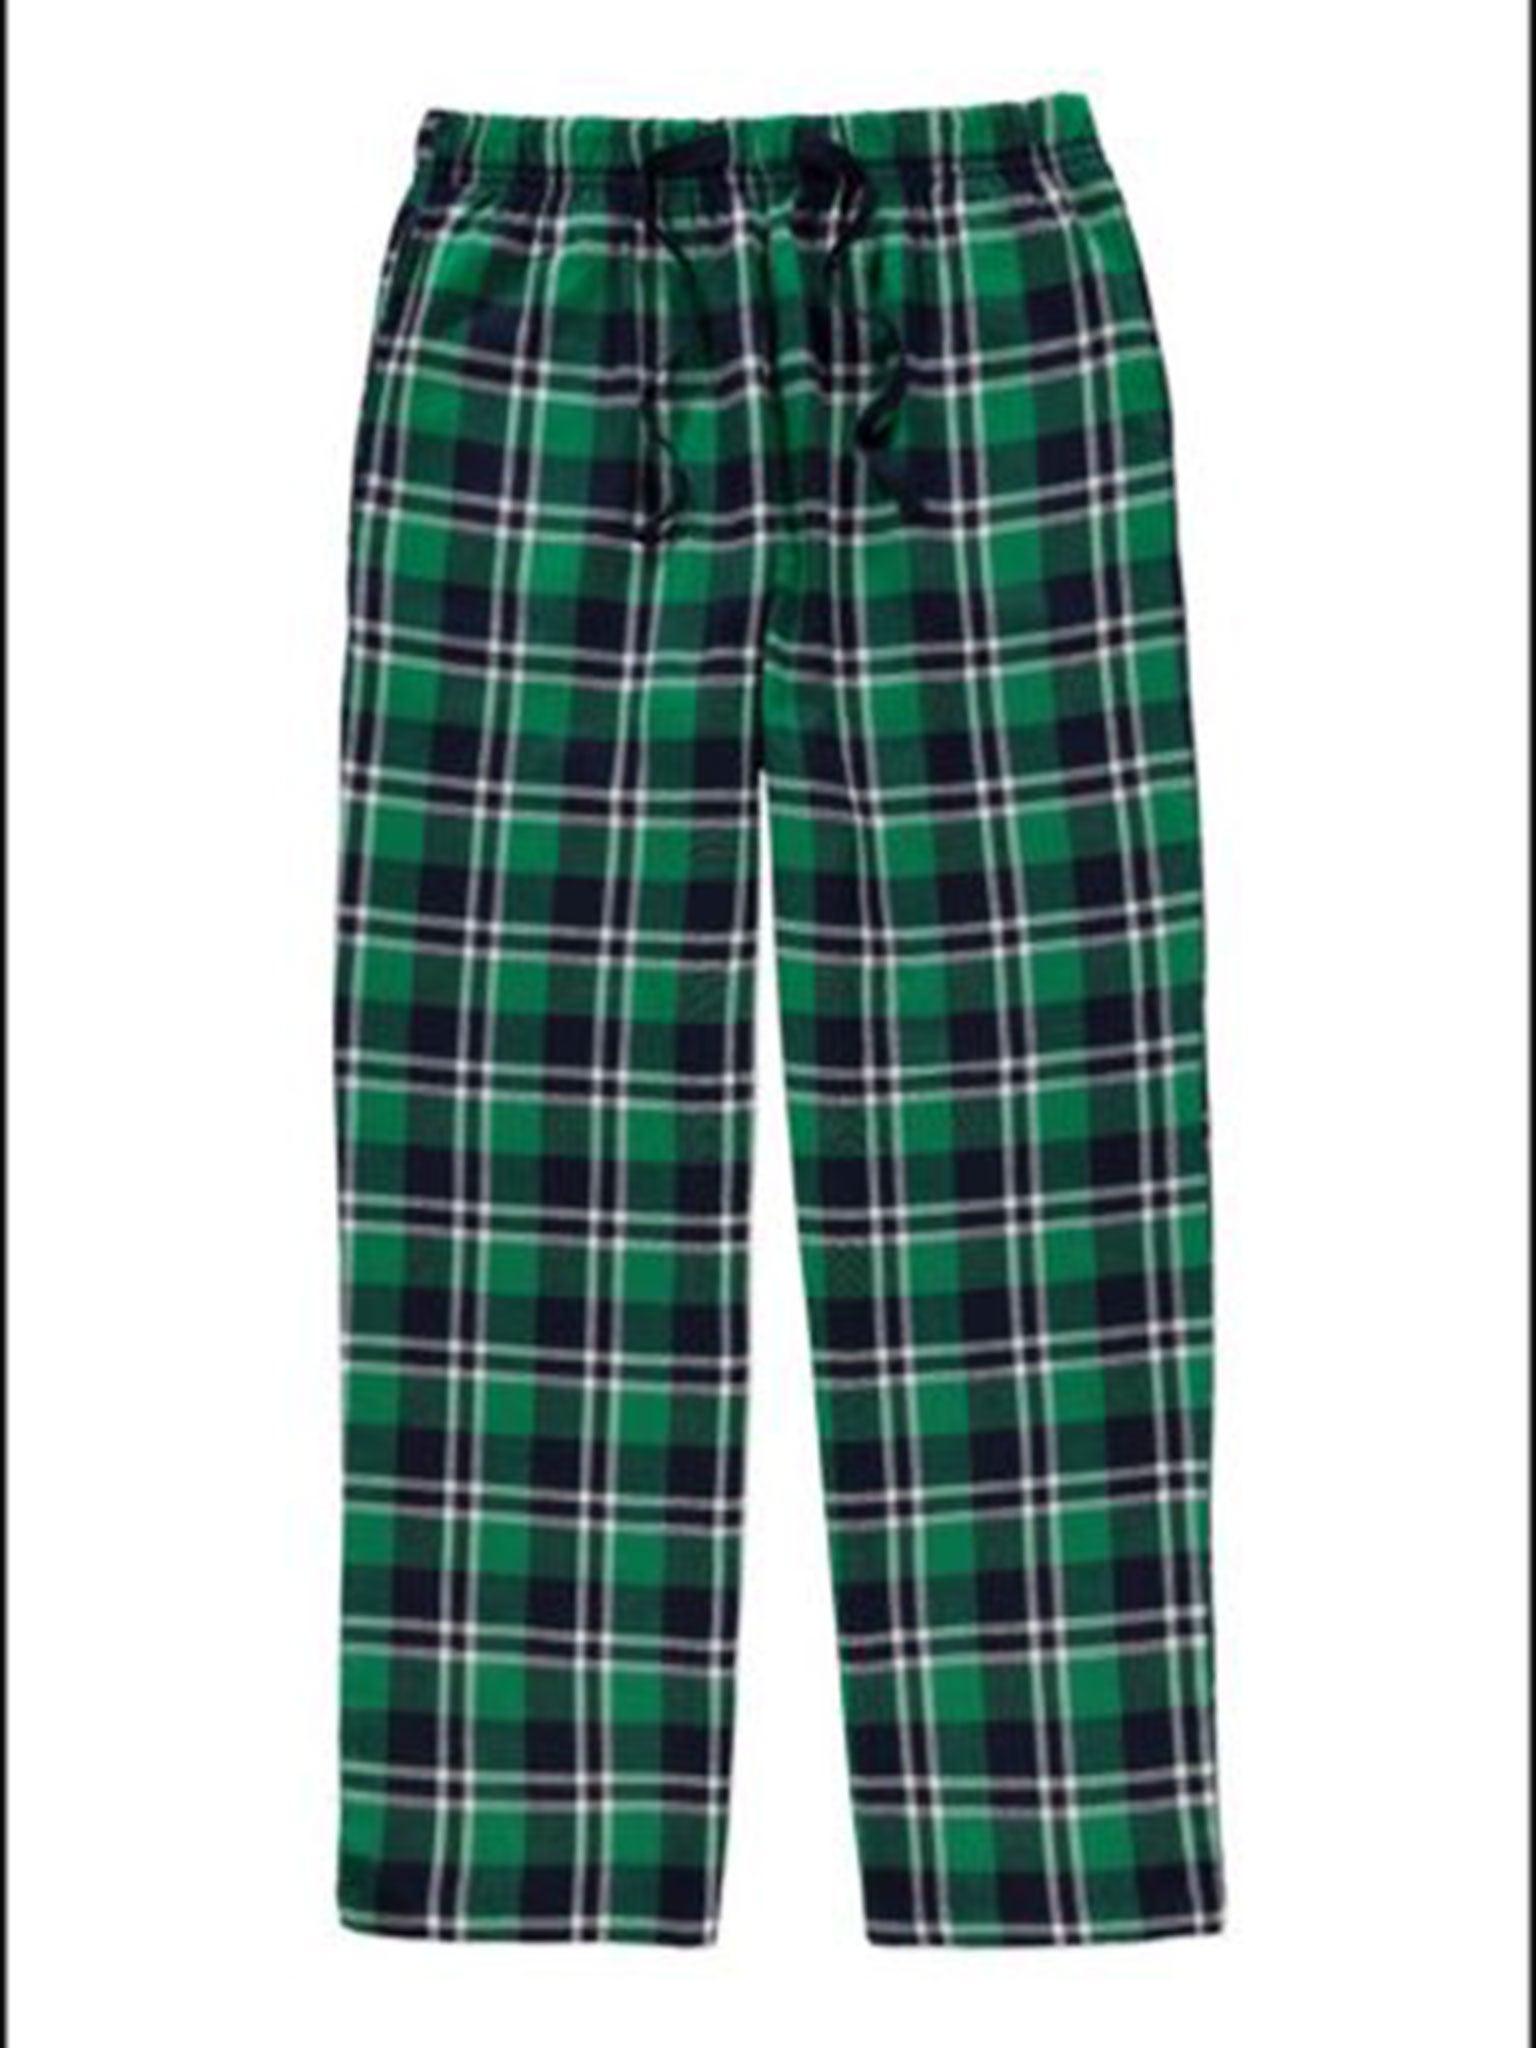 e98fddc5e8 10 best men s sleepwear